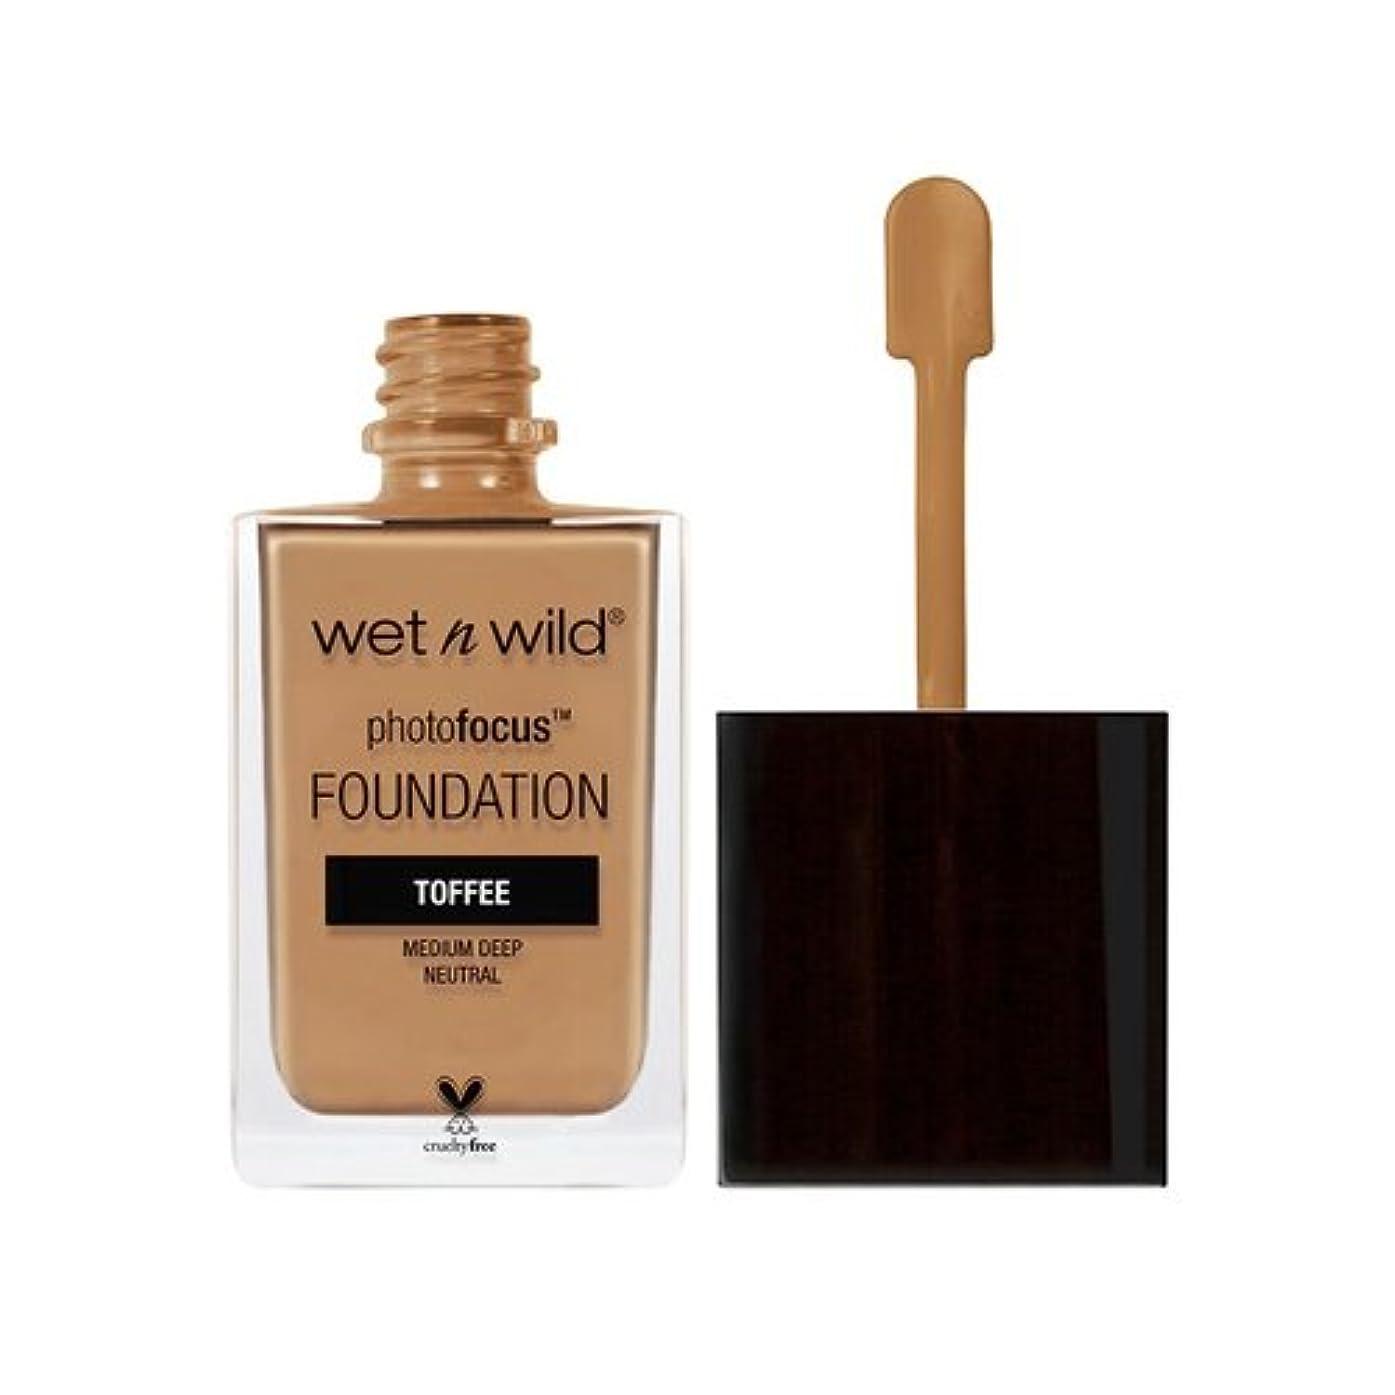 インフラ矢印ビーム(3 Pack) WET N WILD Photo Focus Foundation - Toffee (並行輸入品)